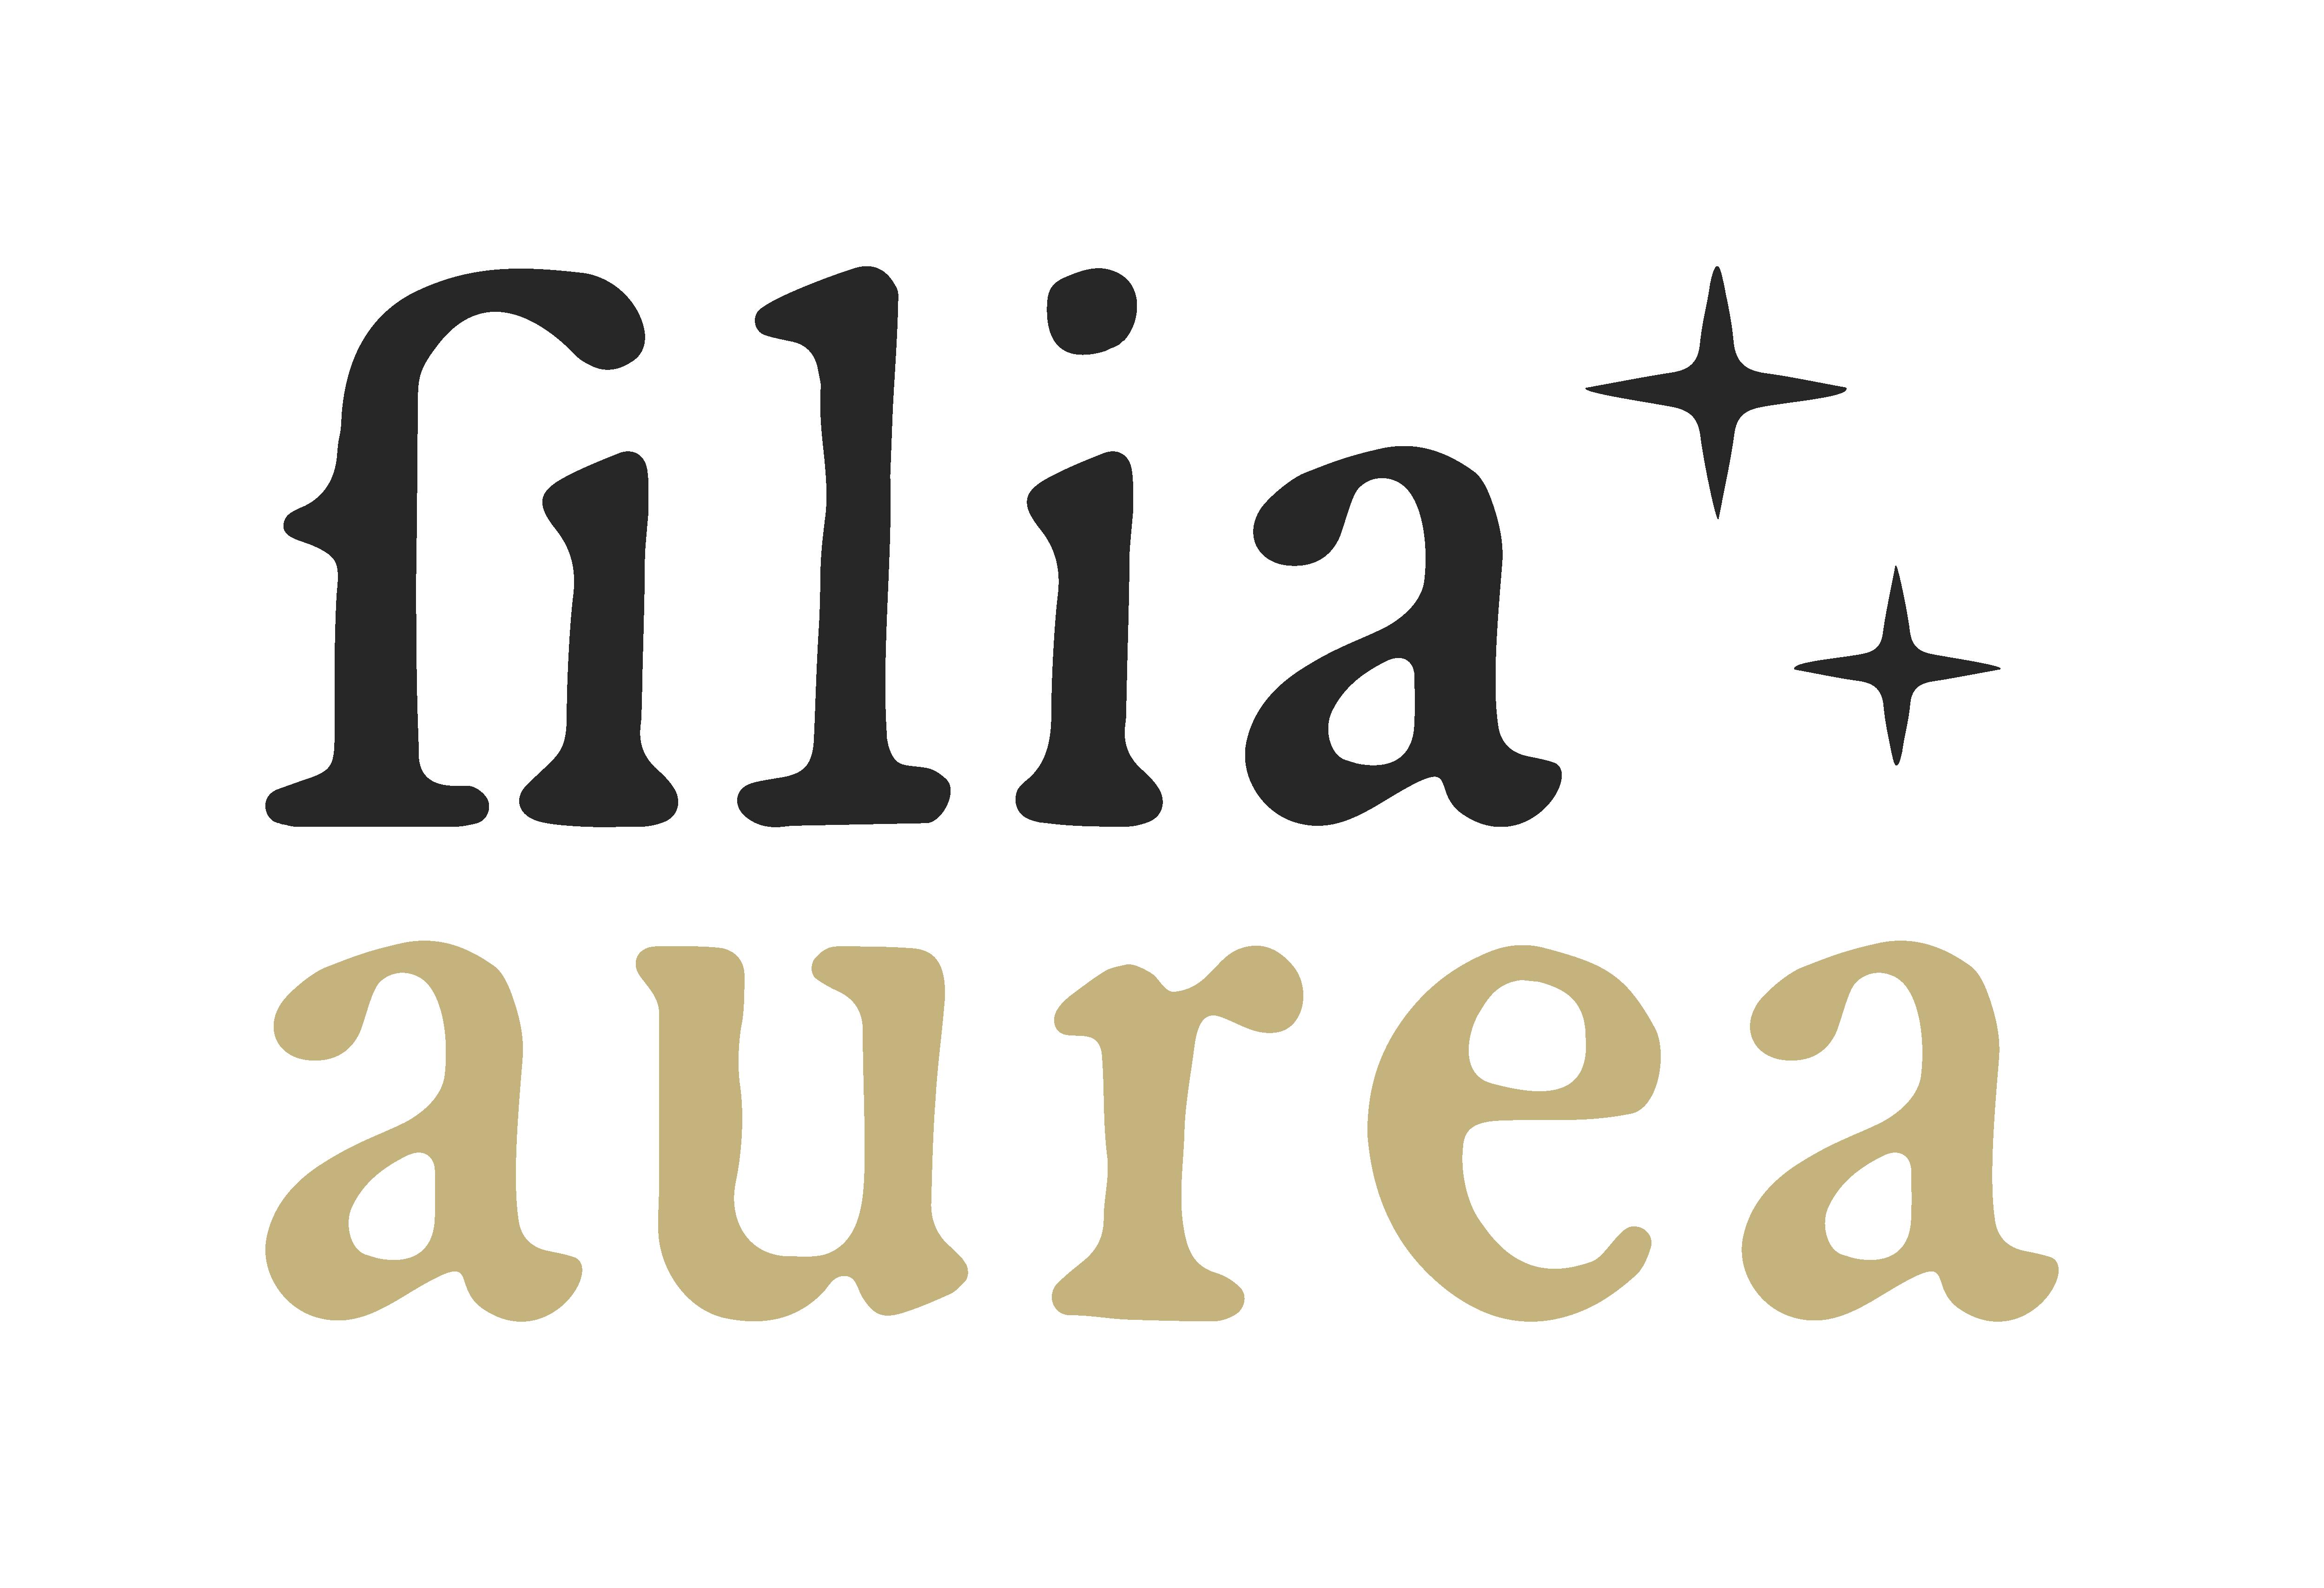 filiaaurea_logo_farbe